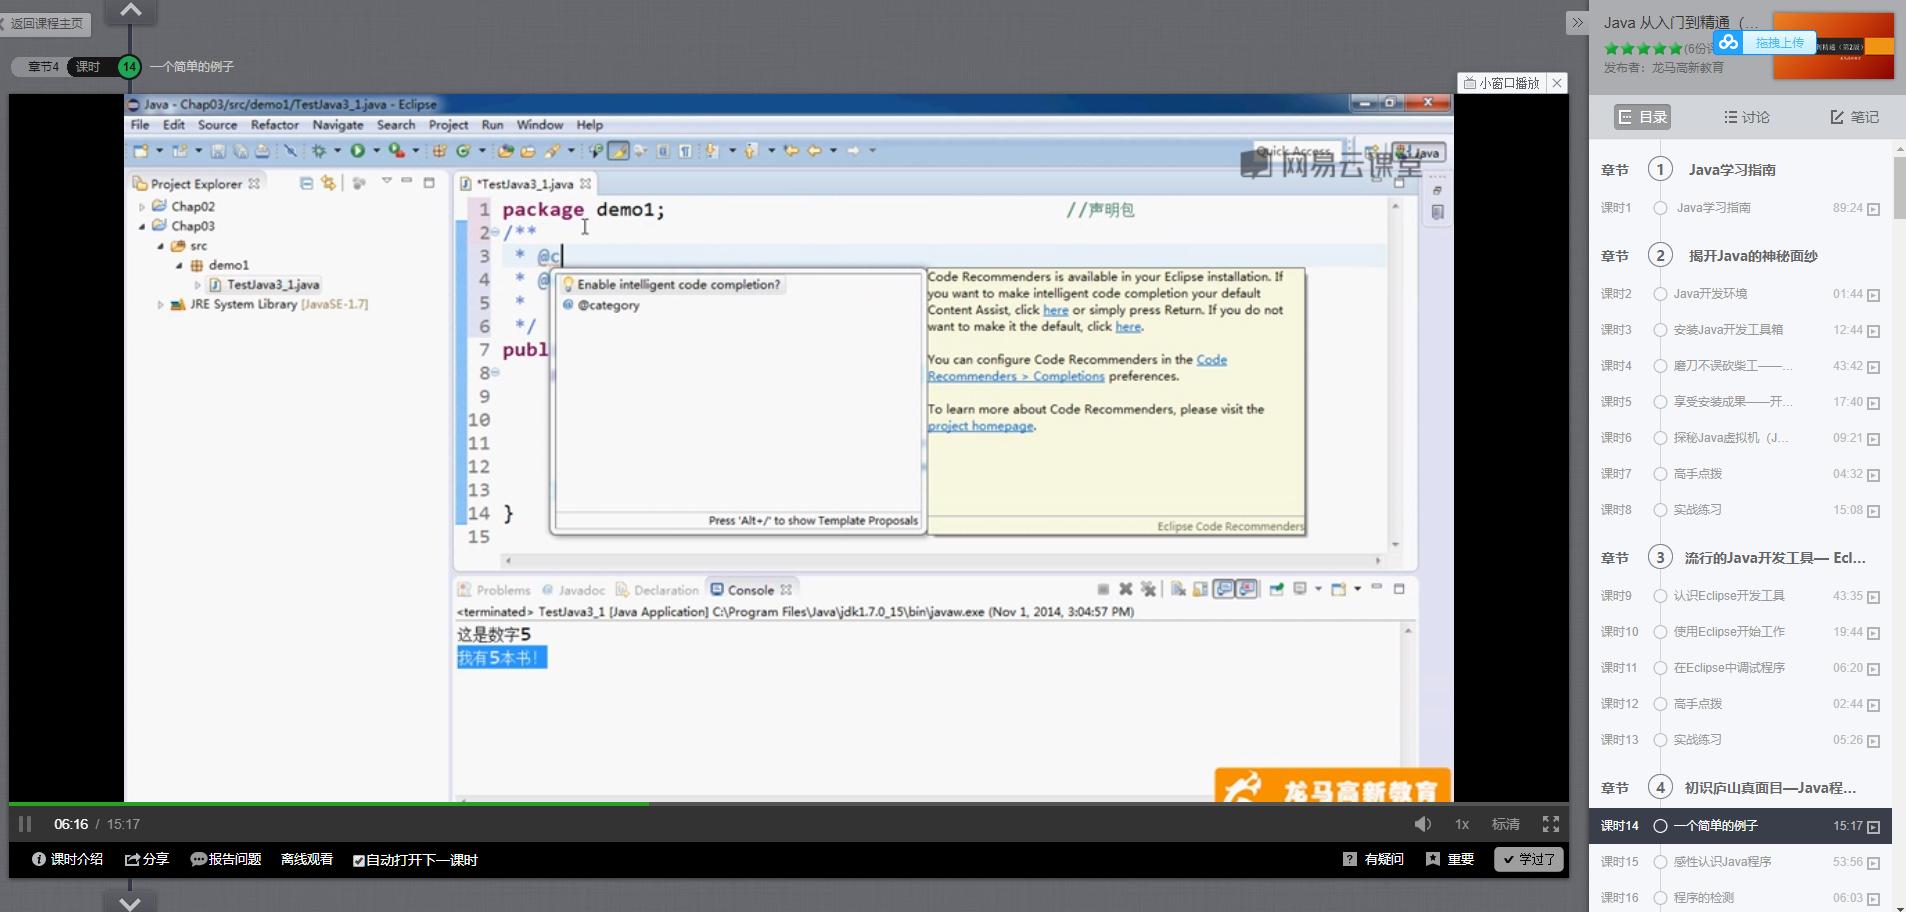 手艺教程-免费正在线教Java进门到精晓网页(1)